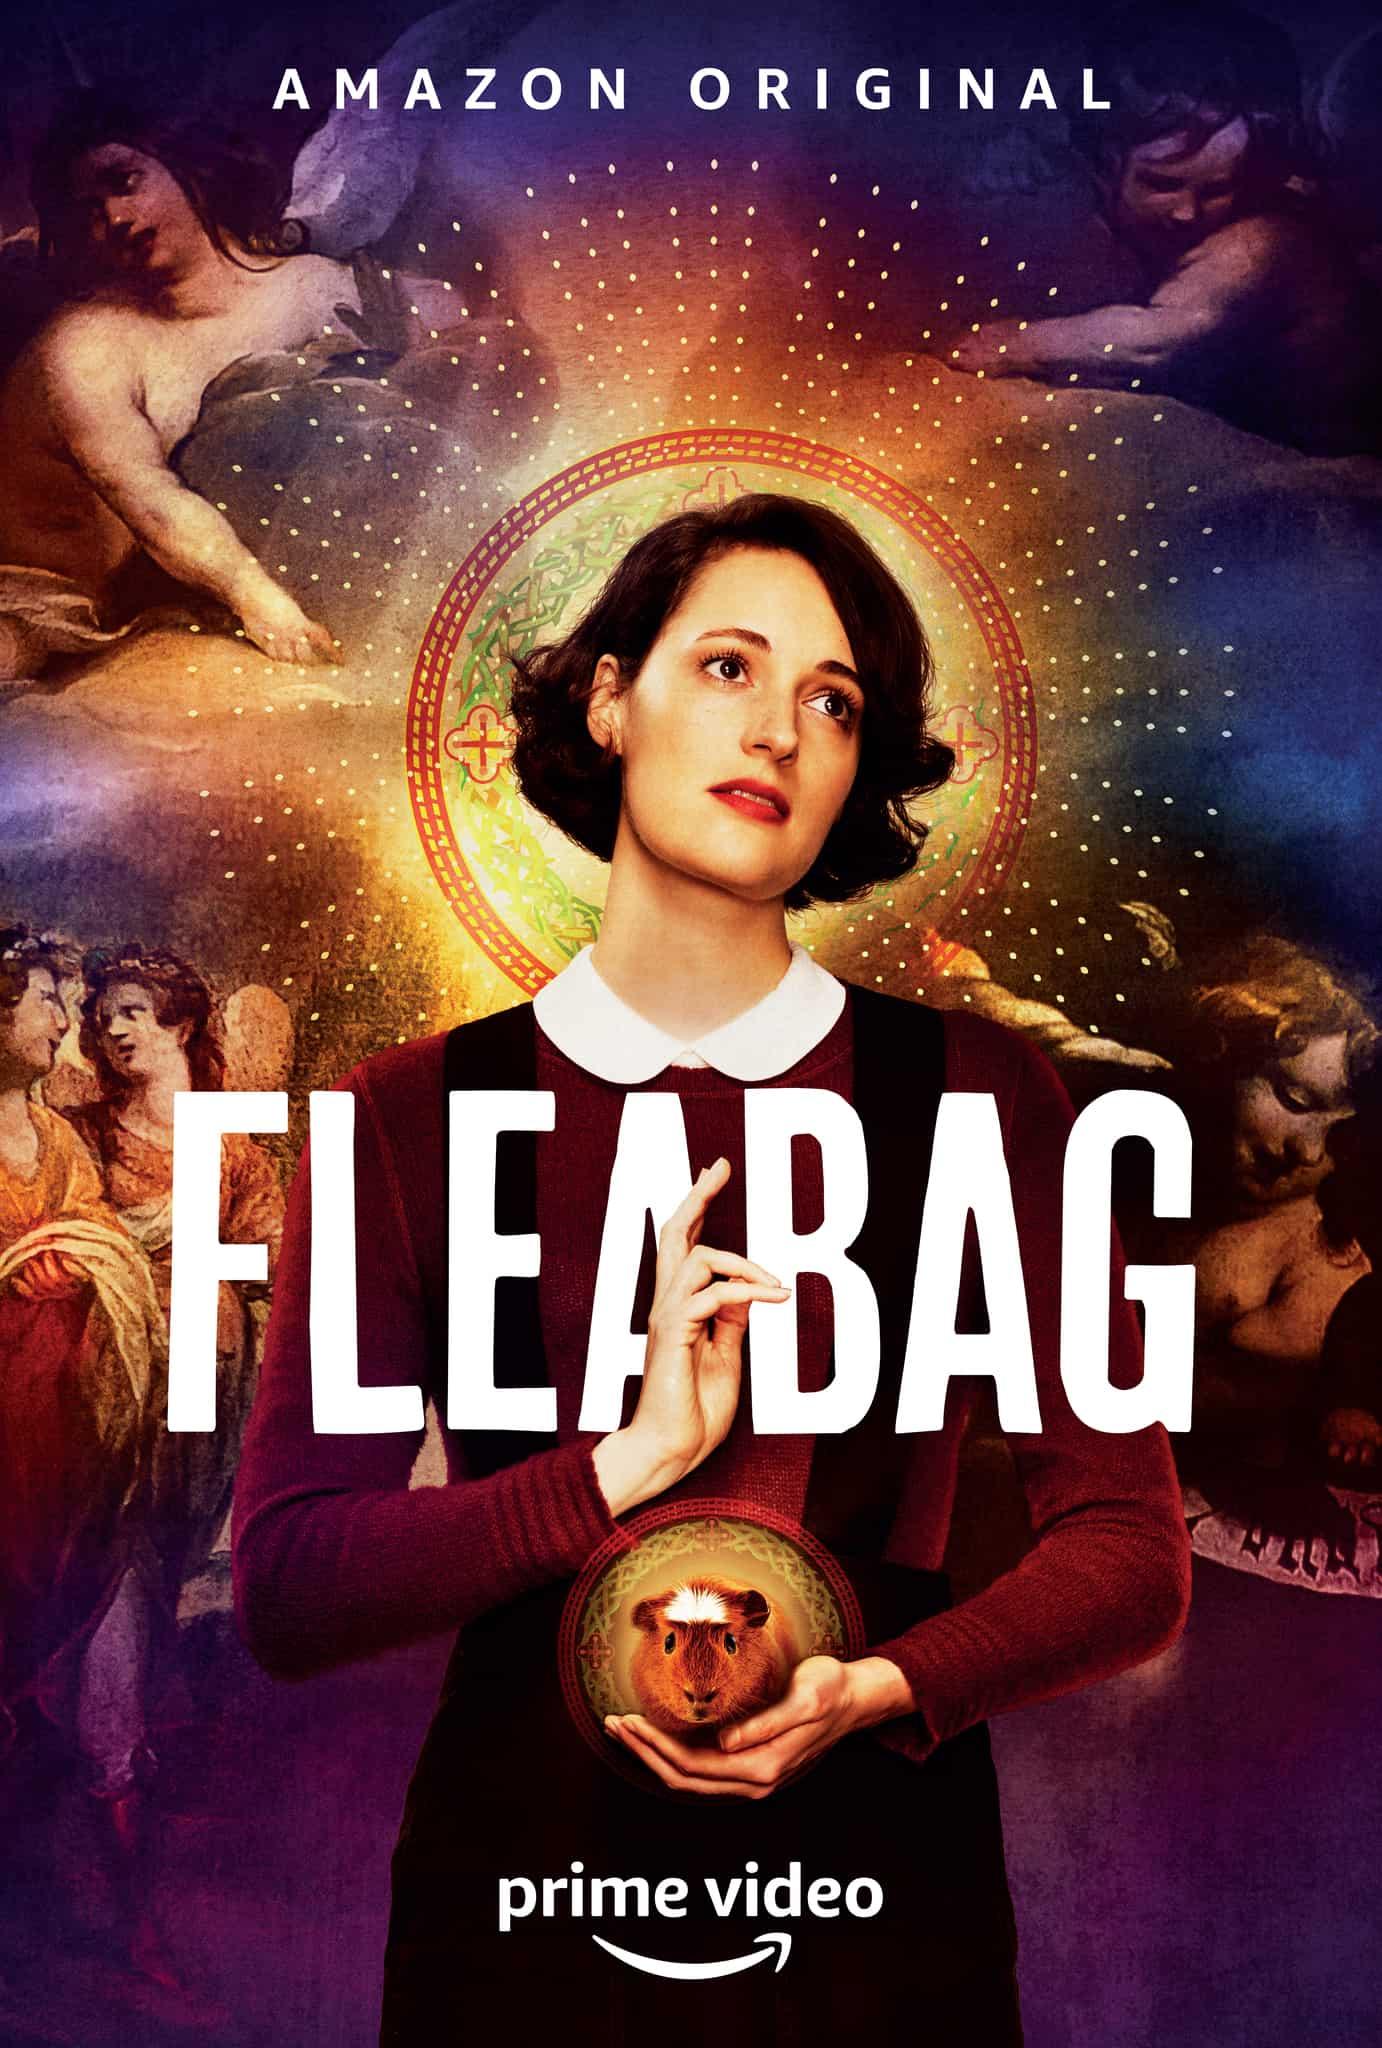 fleabag-amazon